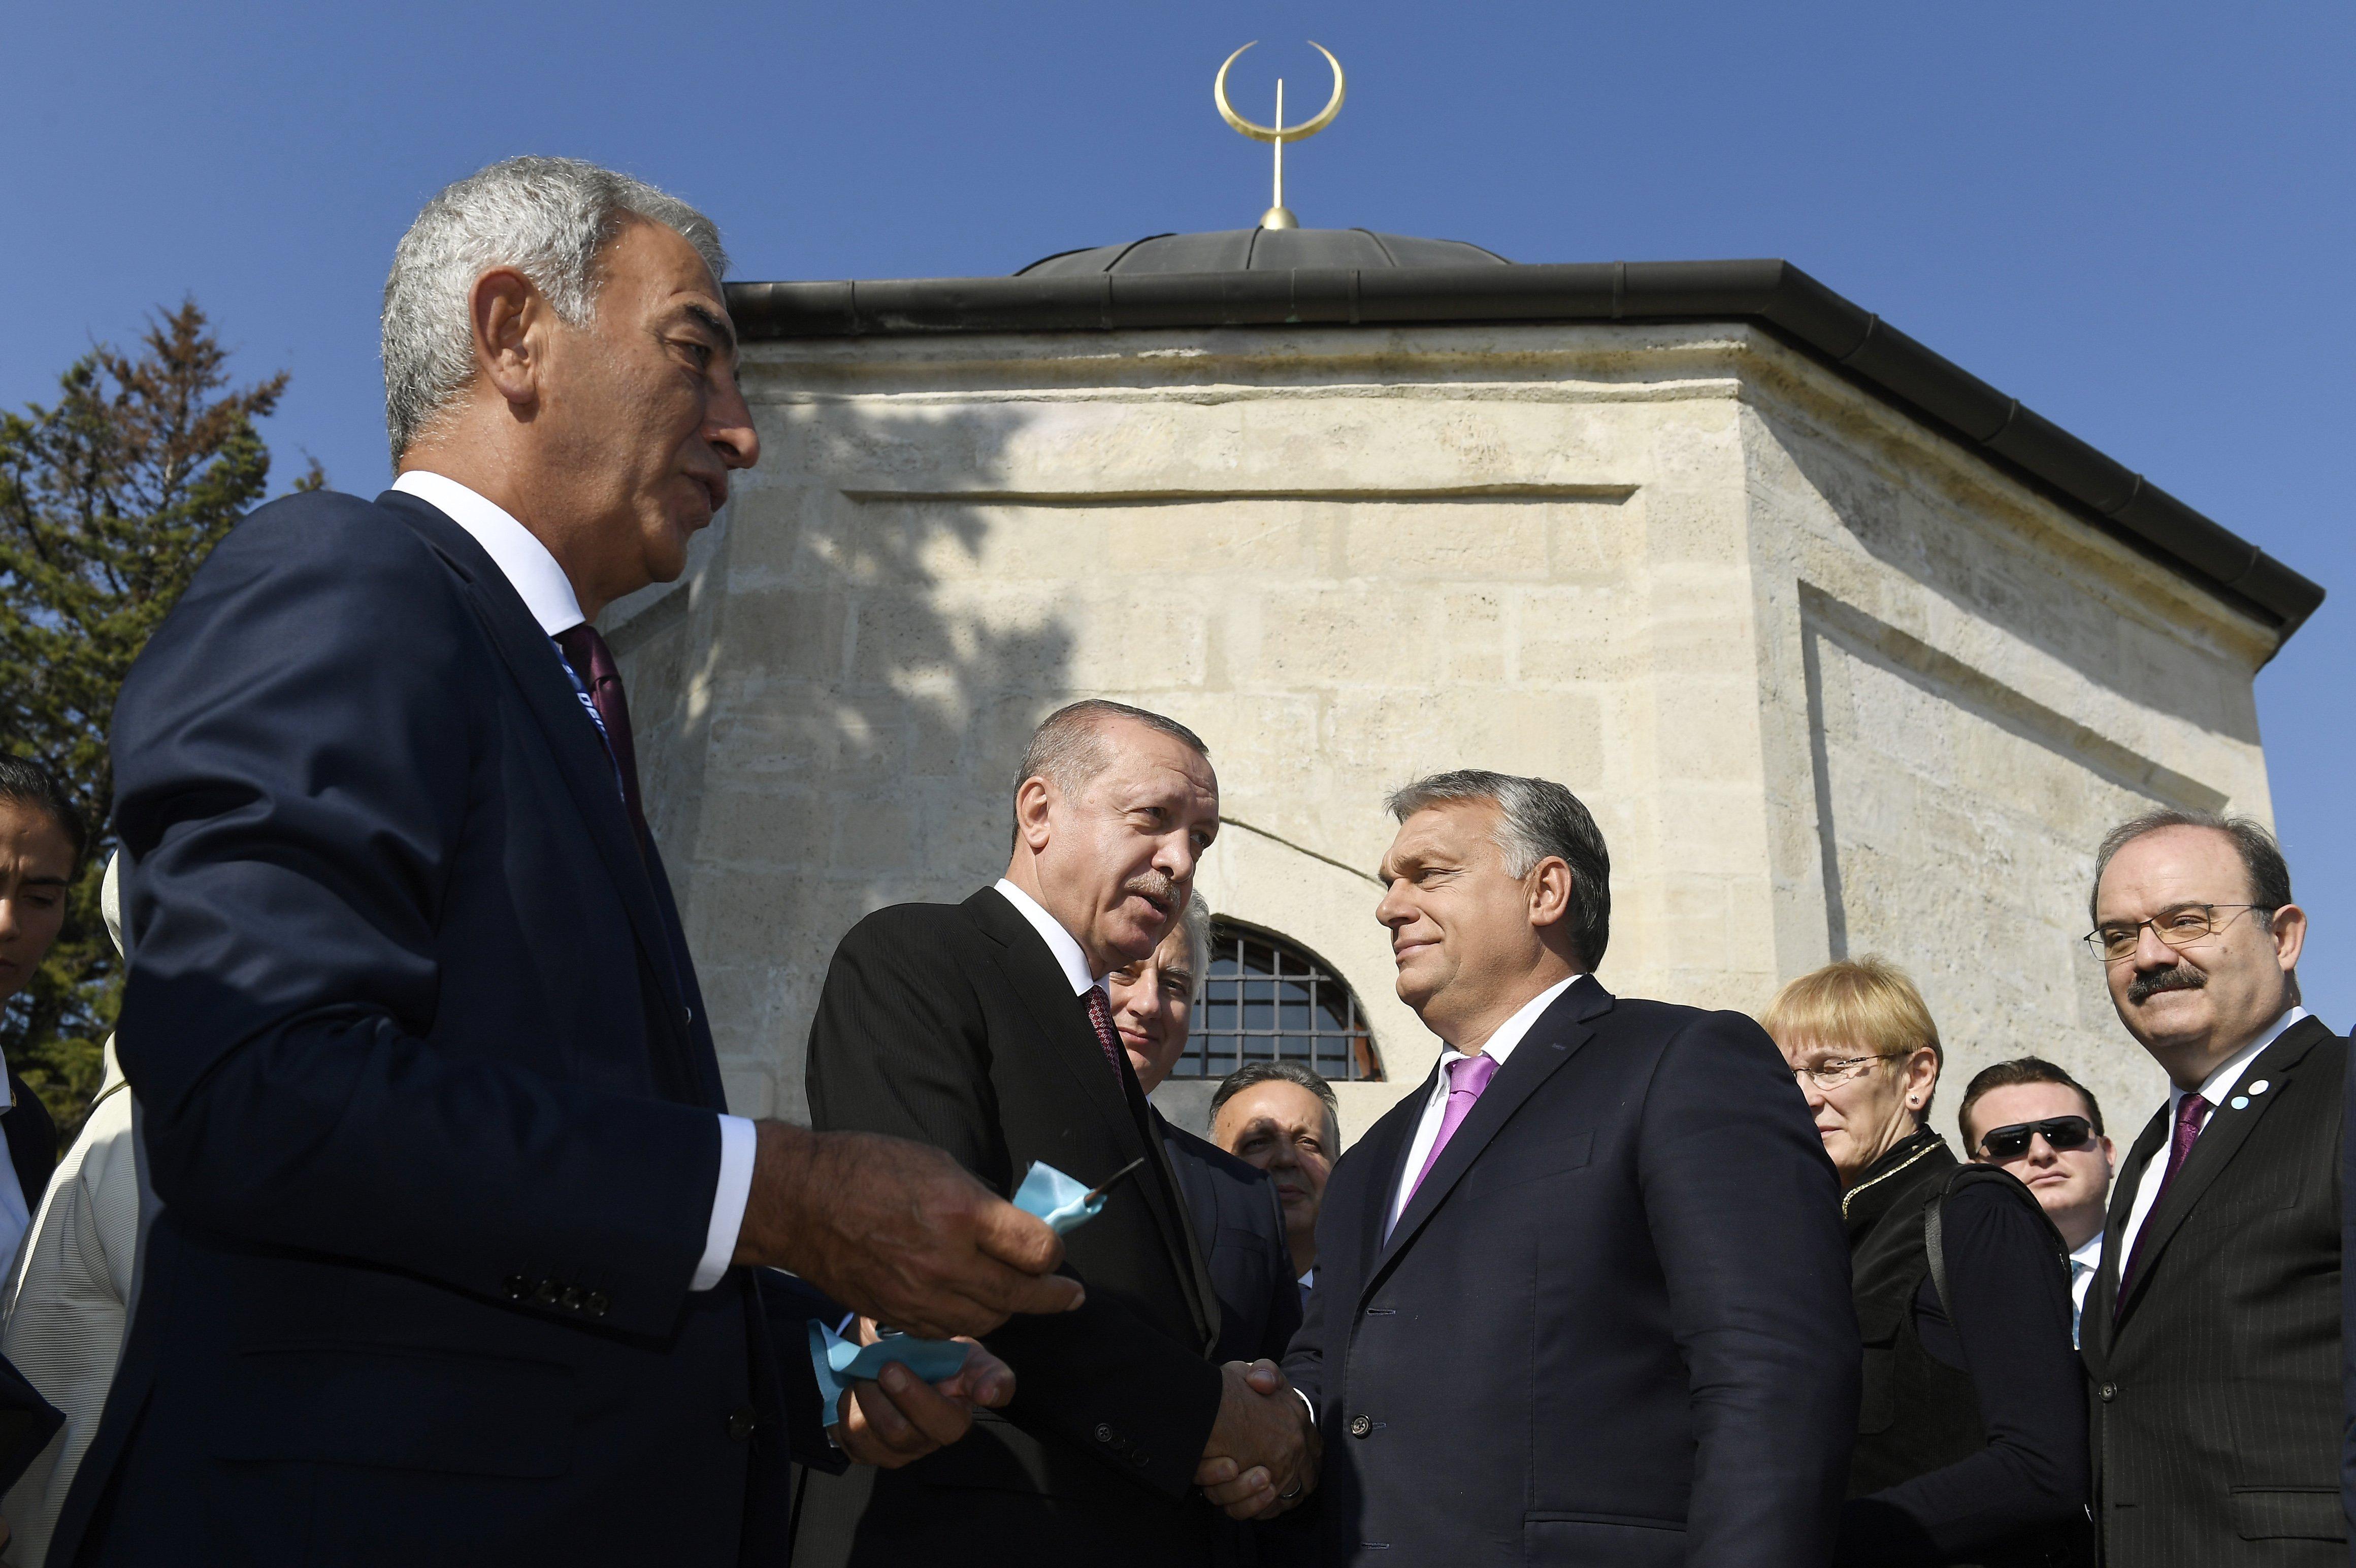 """Orbán """"szent életű dervisnek"""" nevezte Gül Babát, és kijelentette: az ő korának nagyságához kell felnőnünk"""